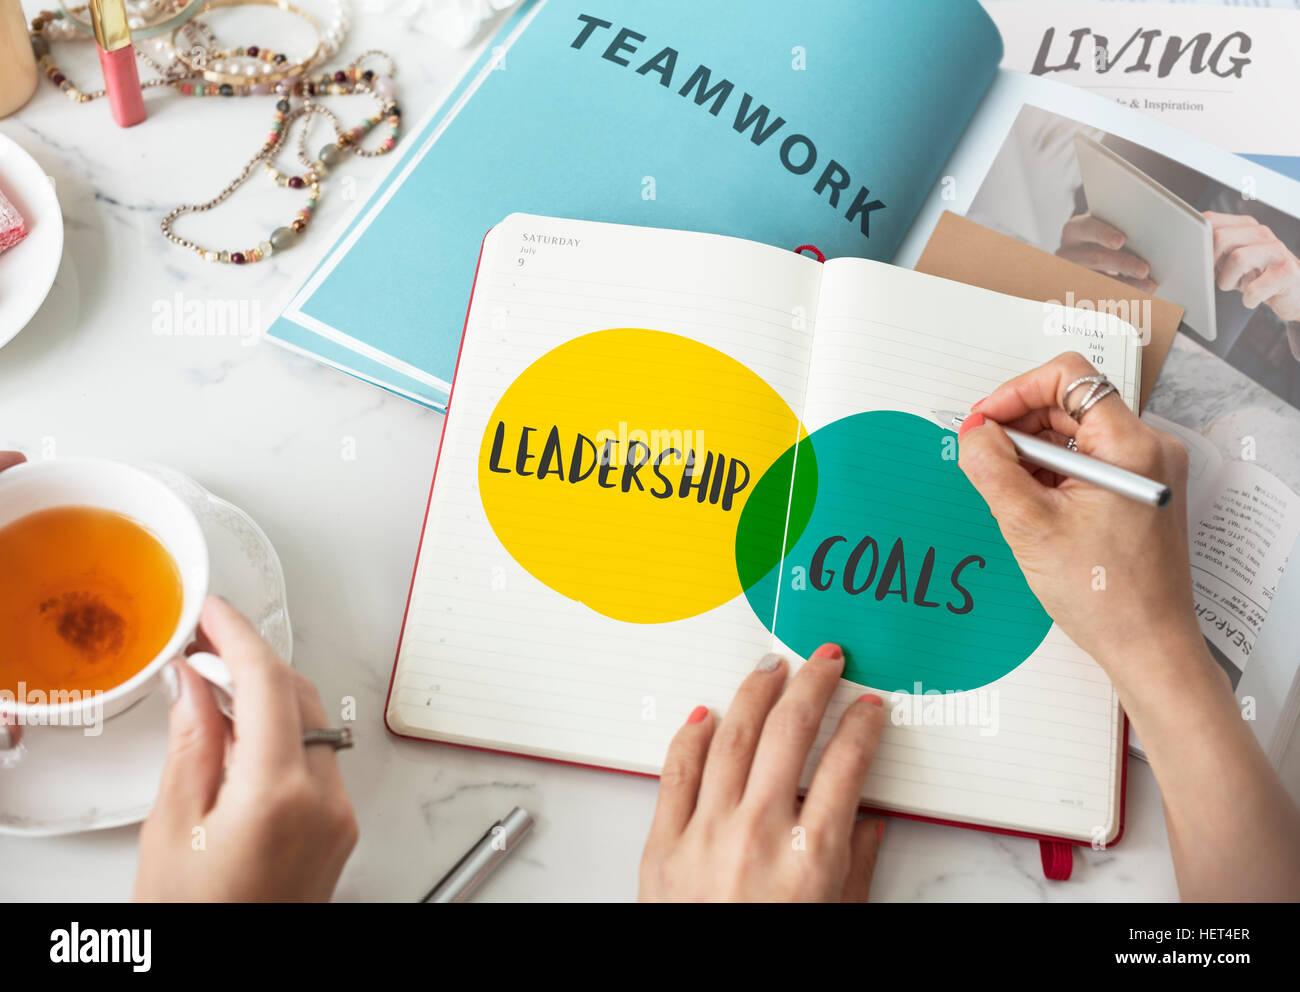 Los objetivos de liderazgo Ideas motivación concepto Círculos Imagen De Stock